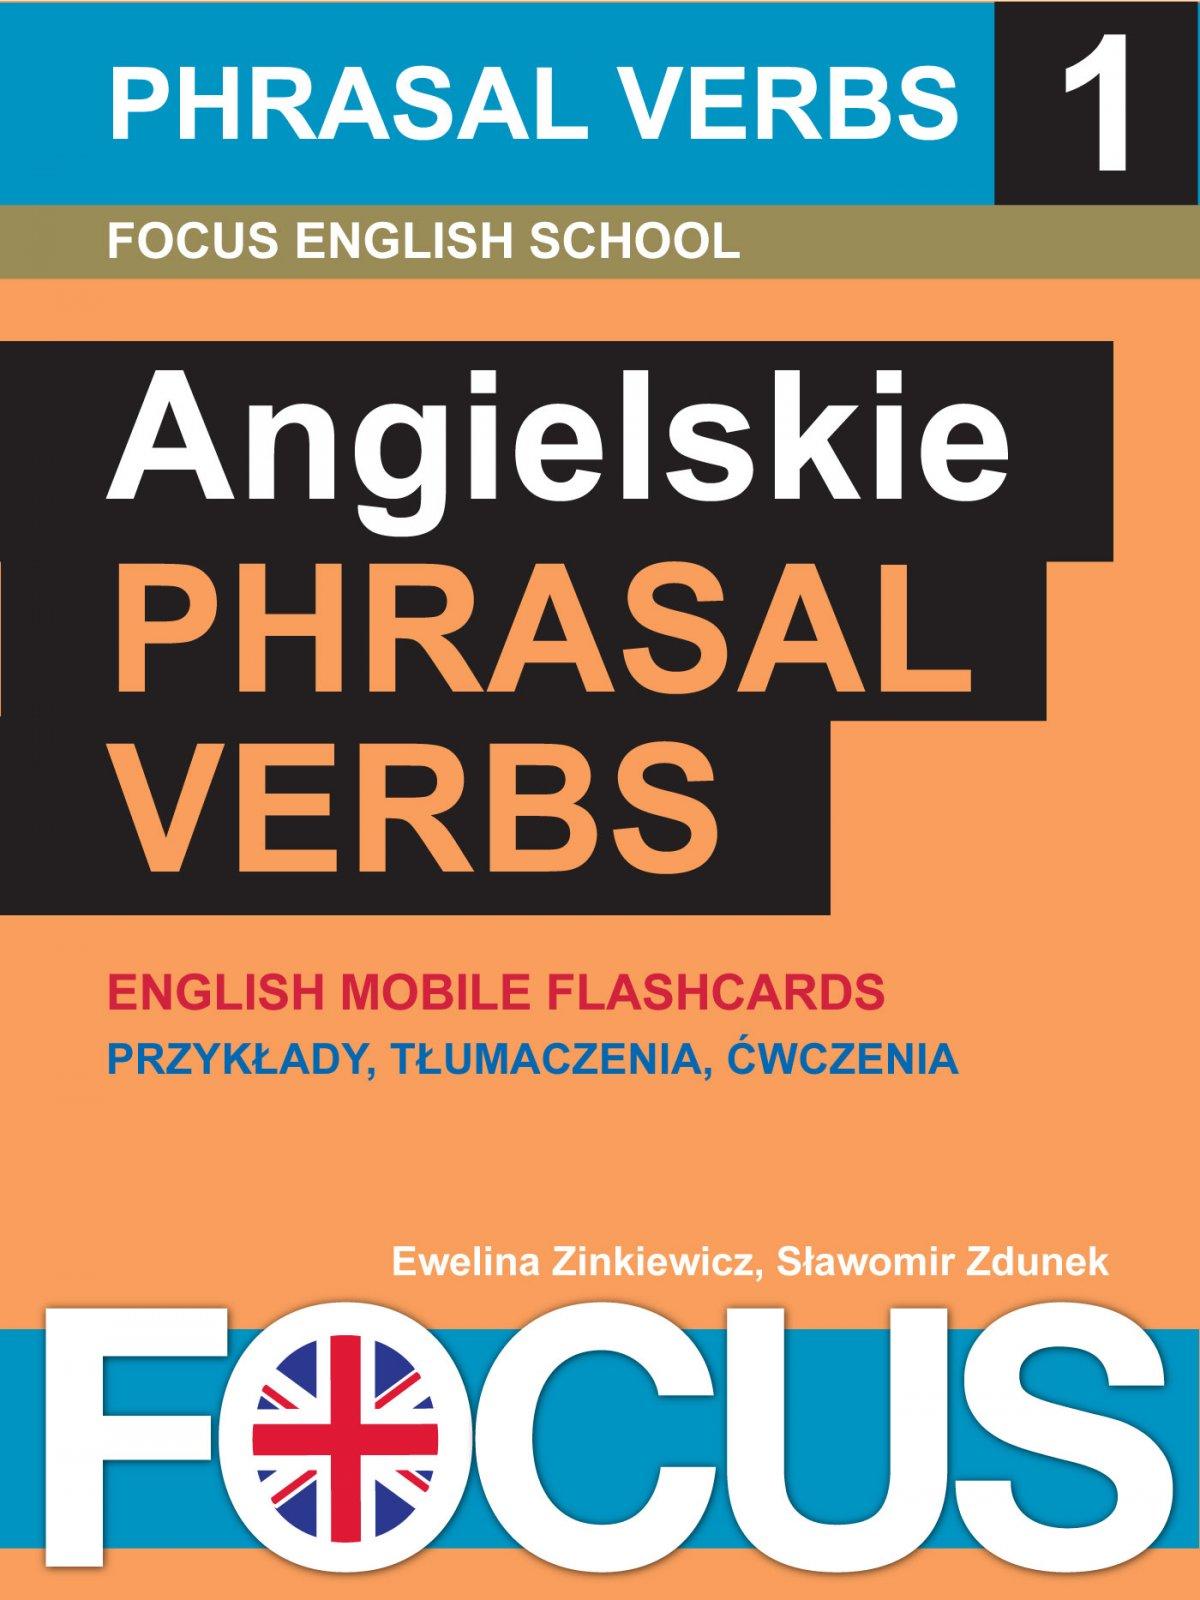 Angielskie Phrasal Verbs. Zestaw 1 - Ebook (Książka EPUB) do pobrania w formacie EPUB